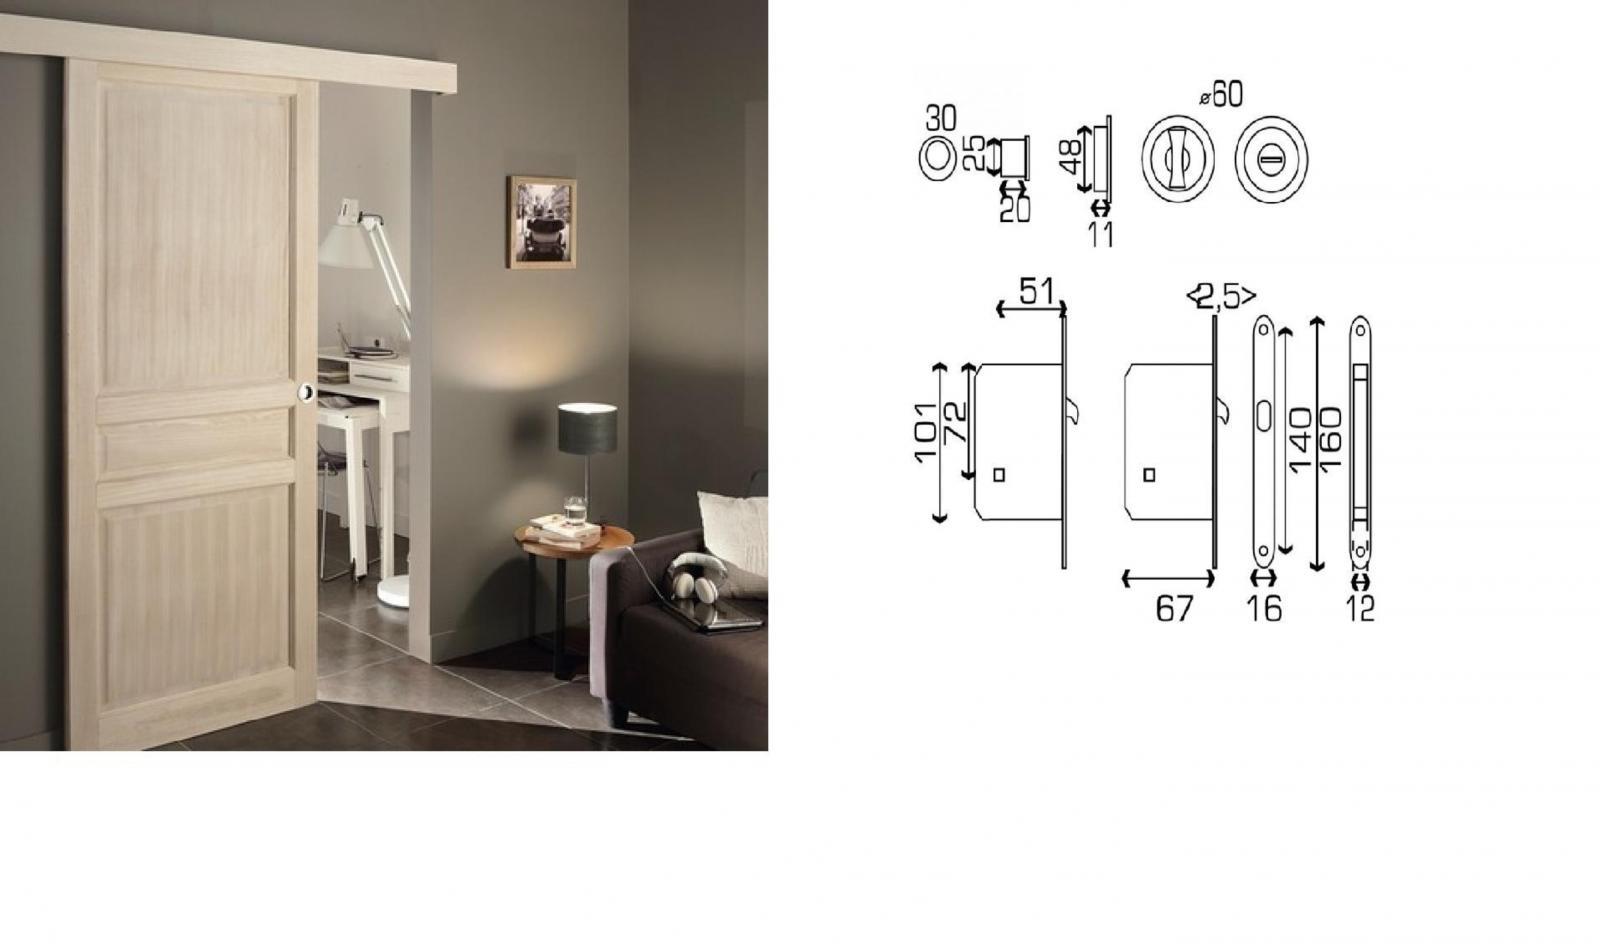 porte coulissante pour salle de bain - fashion designs - Porte Coulissante Interieur Pour Salle De Bain